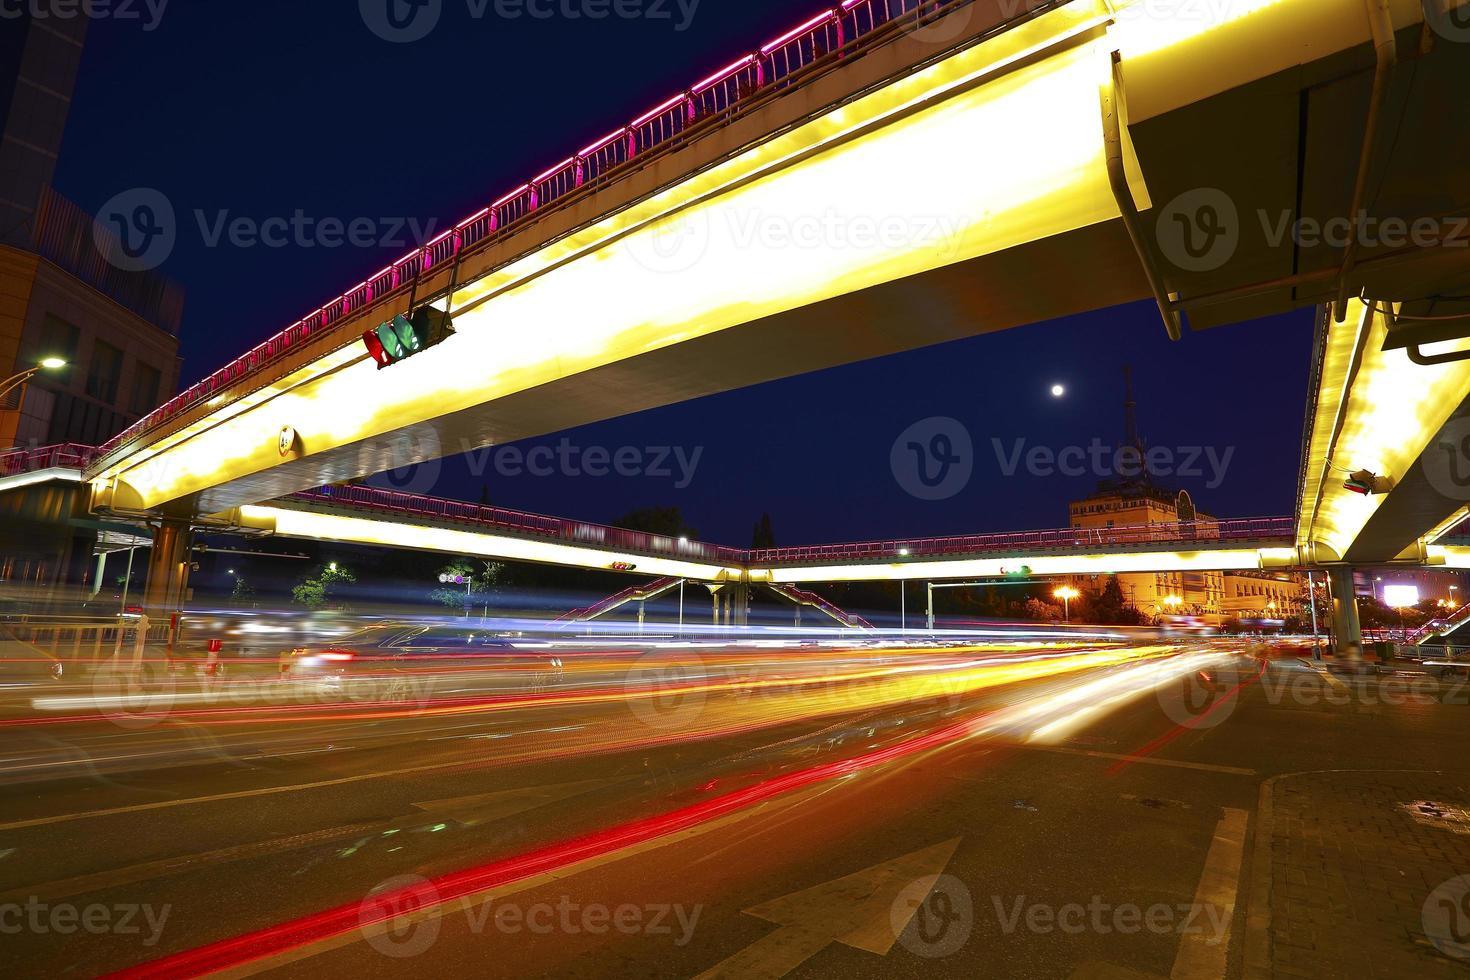 städtische Fußgängerbrücke und Straßenkreuzung der Nachtszene foto